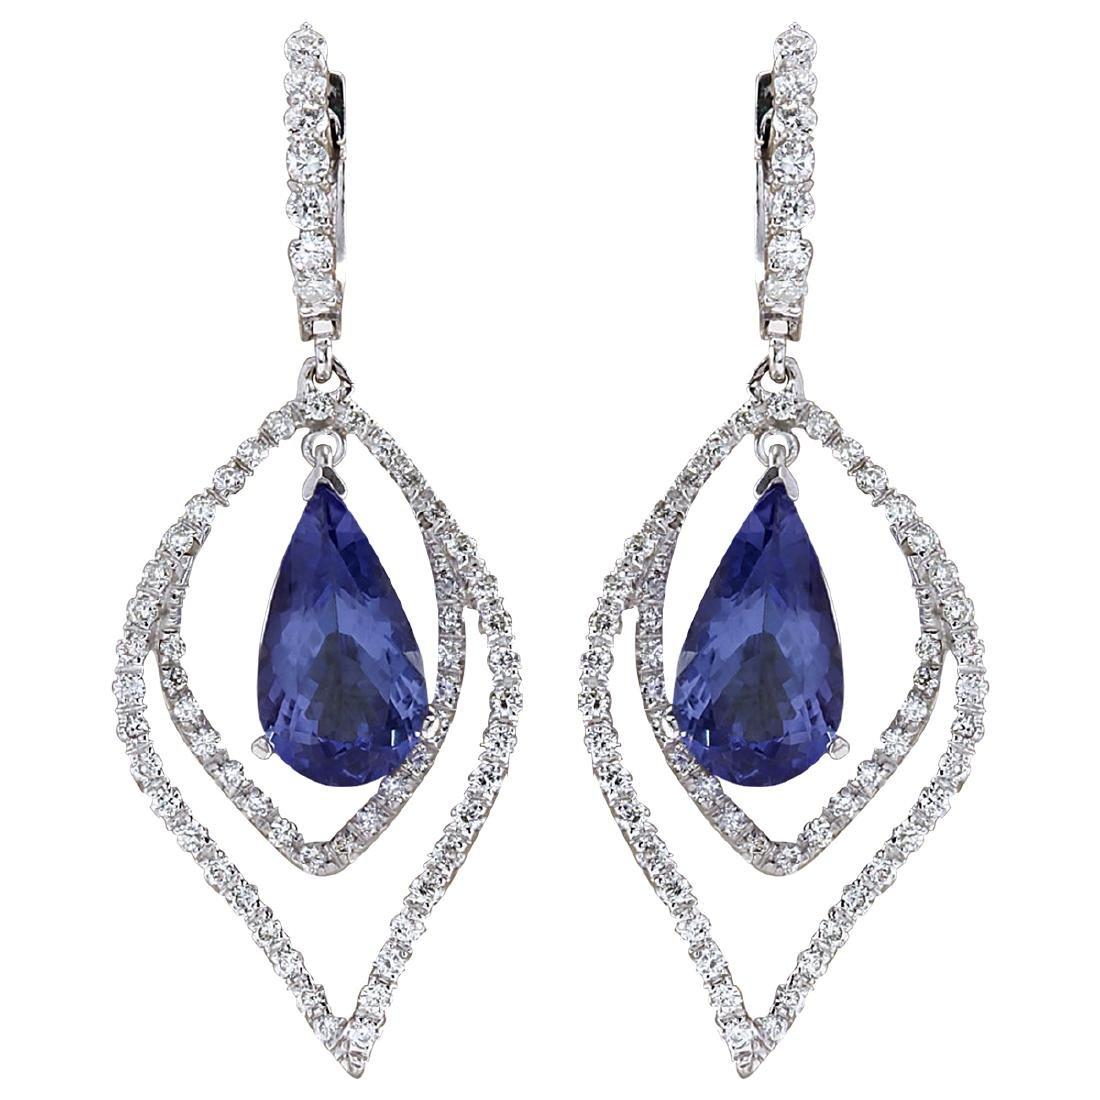 9.67CTW Natural Tanzanite And Diamond Earrings 18K